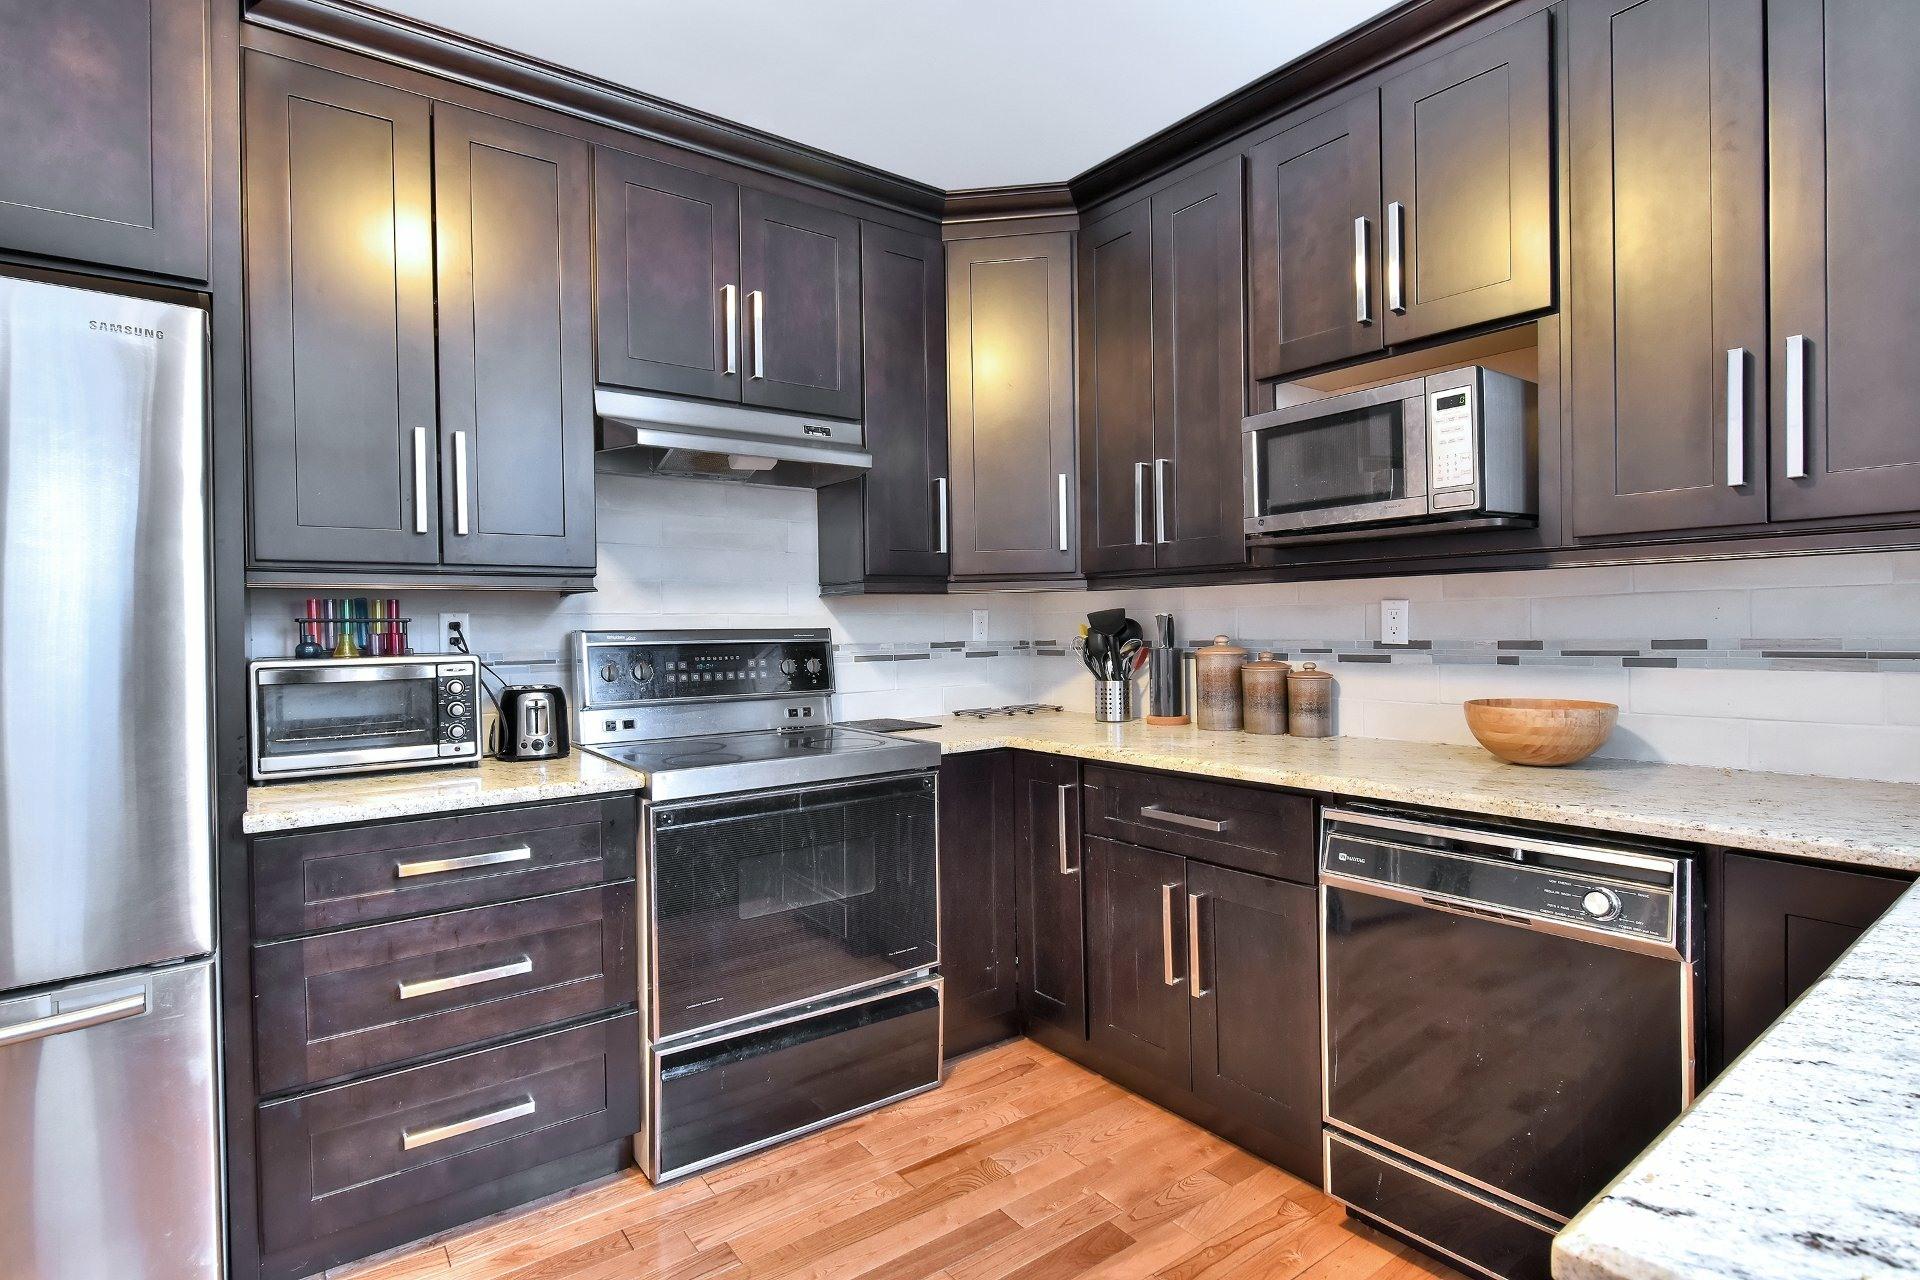 image 14 - Apartment For sale Montréal Côte-des-Neiges/Notre-Dame-de-Grâce  - 7 rooms